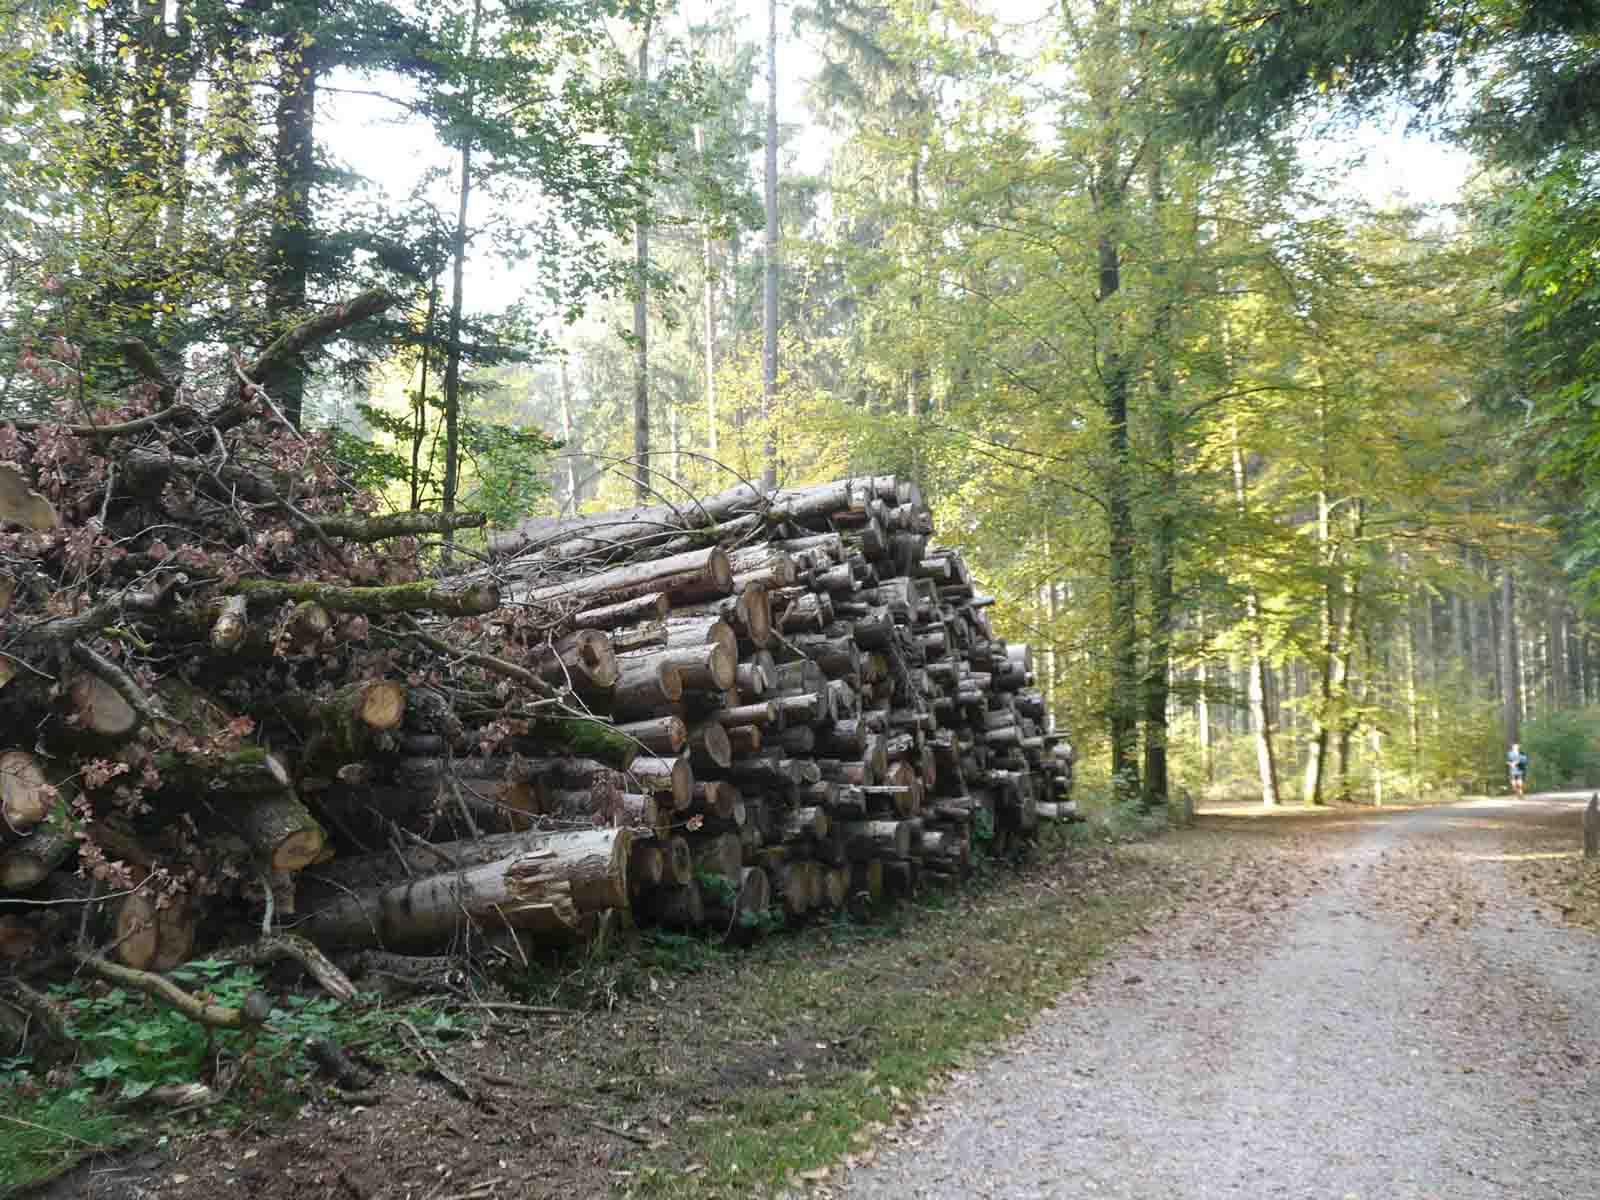 An der Grünwaldstrasse: Wer roden will, braucht eine Bewilligung und muss die gefällten Bäume wieder aufforsten.